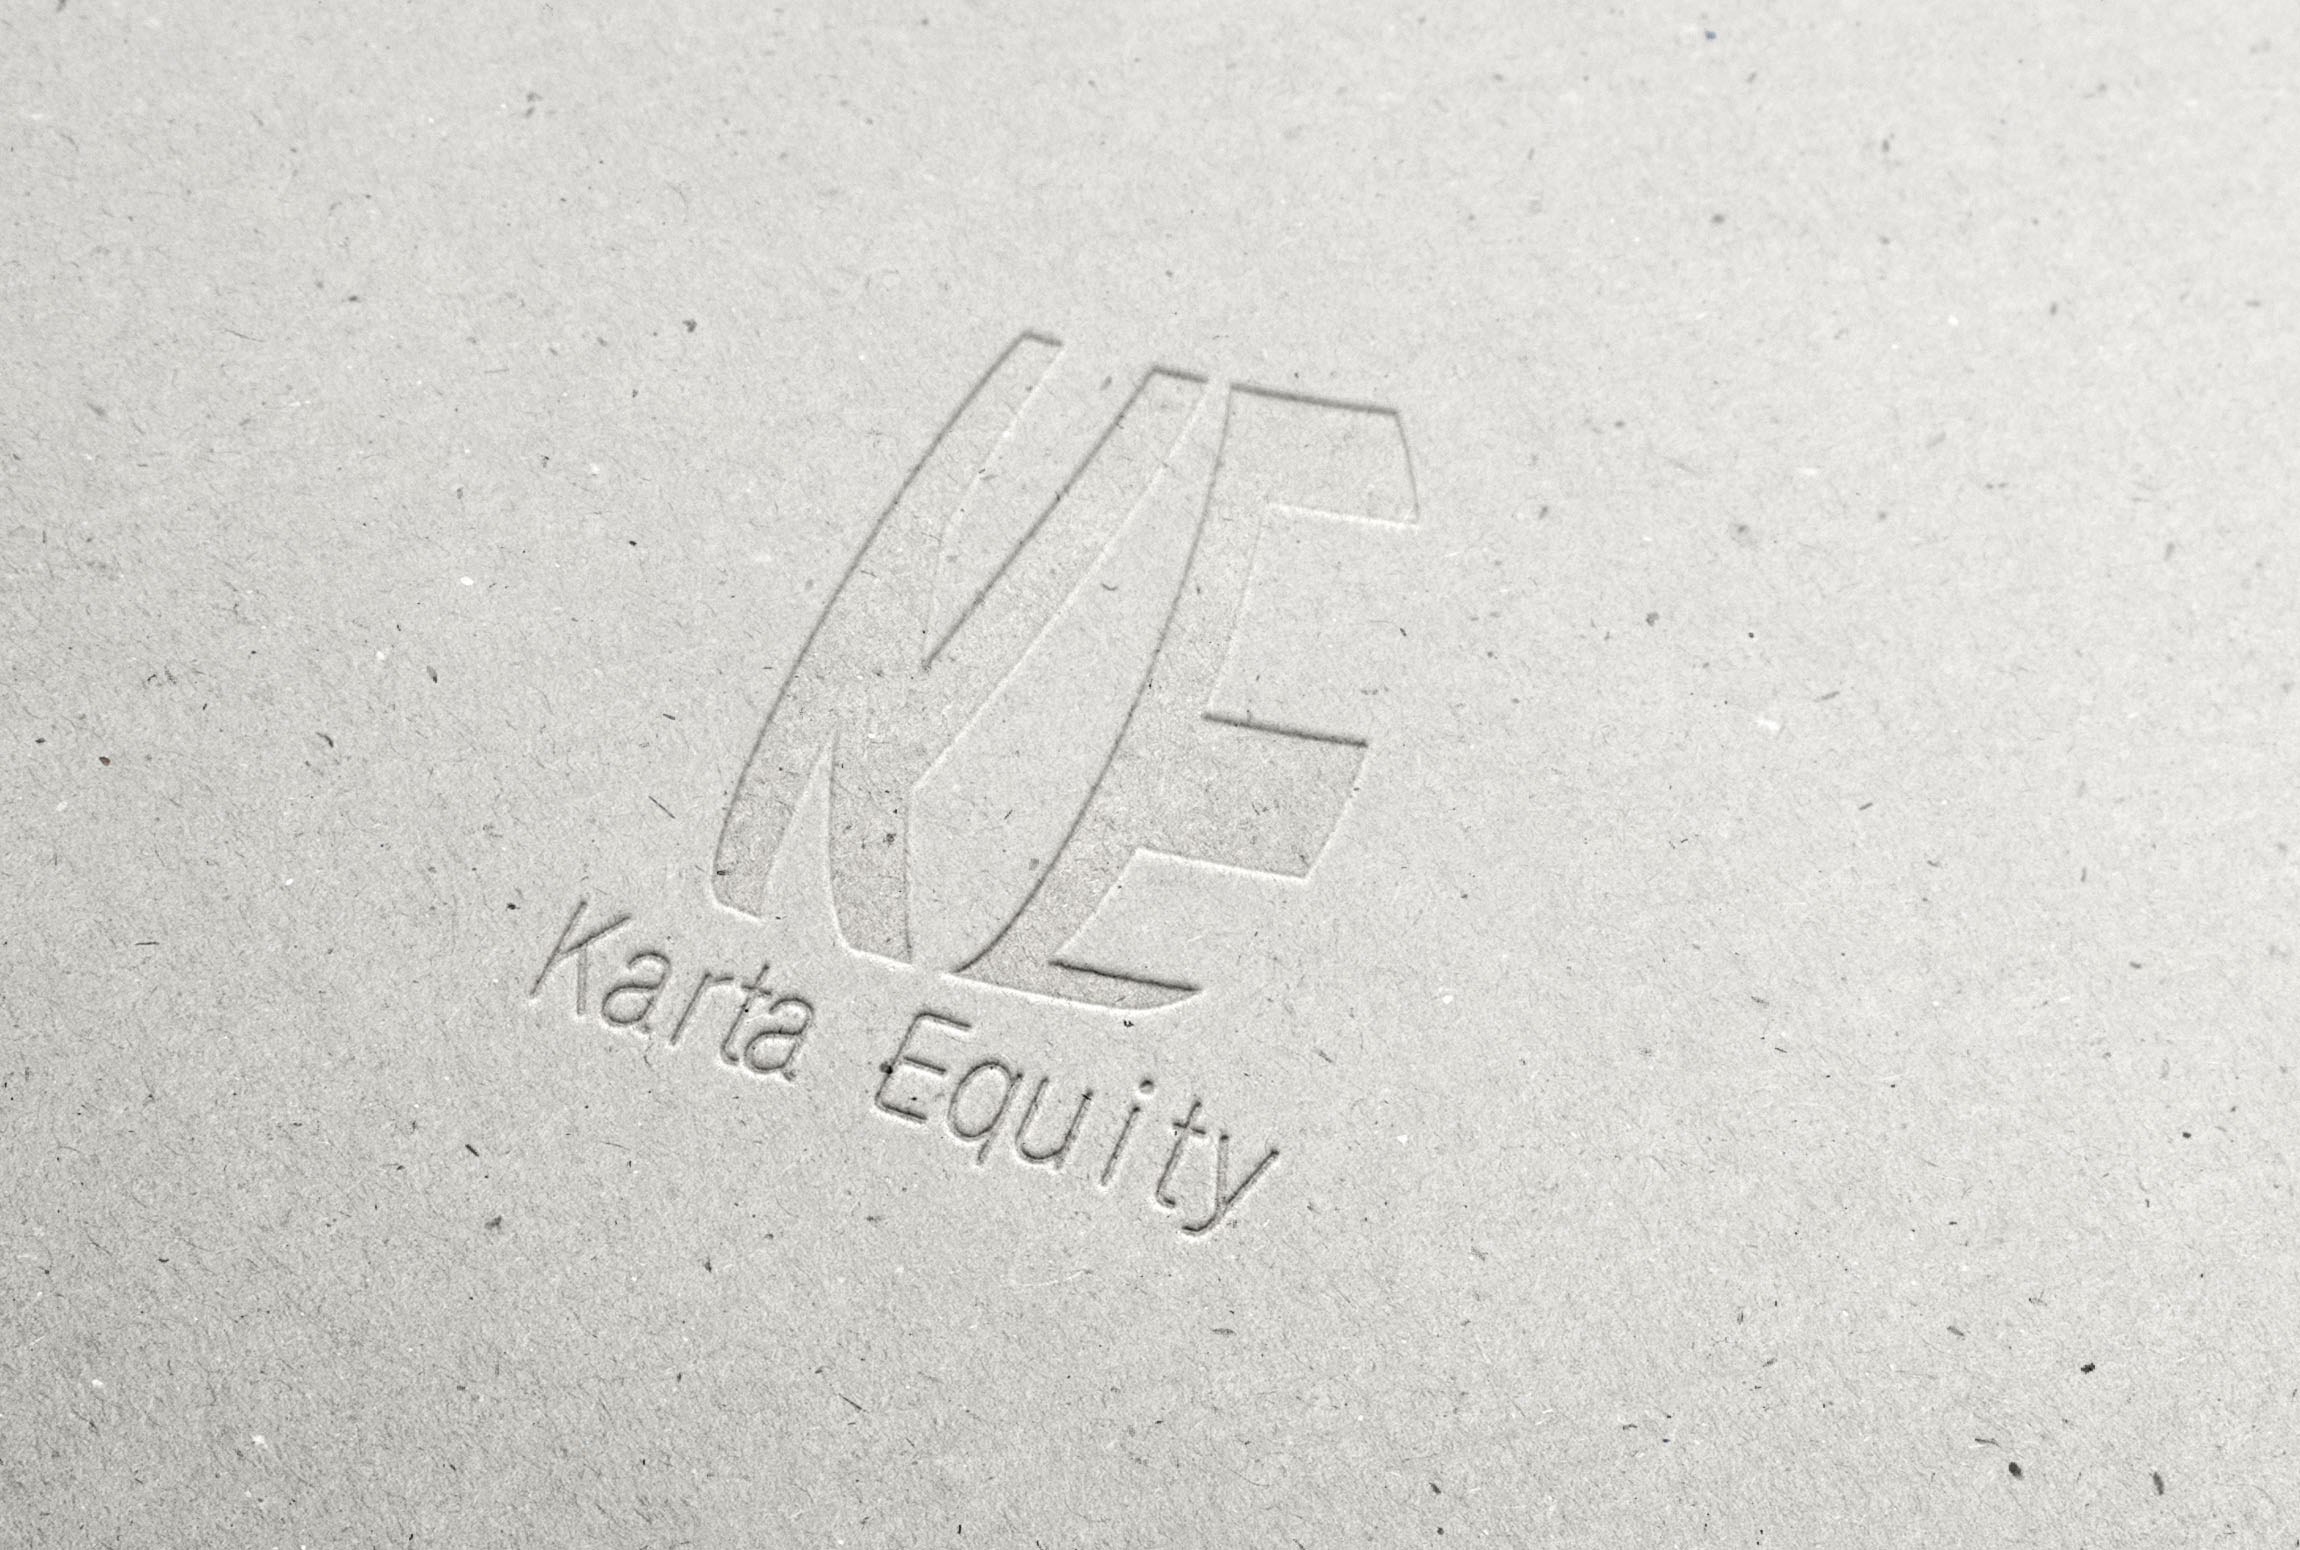 Логотип для компании инвестироваюшей в жилую недвижимость фото f_3425e10510a59d3d.jpg